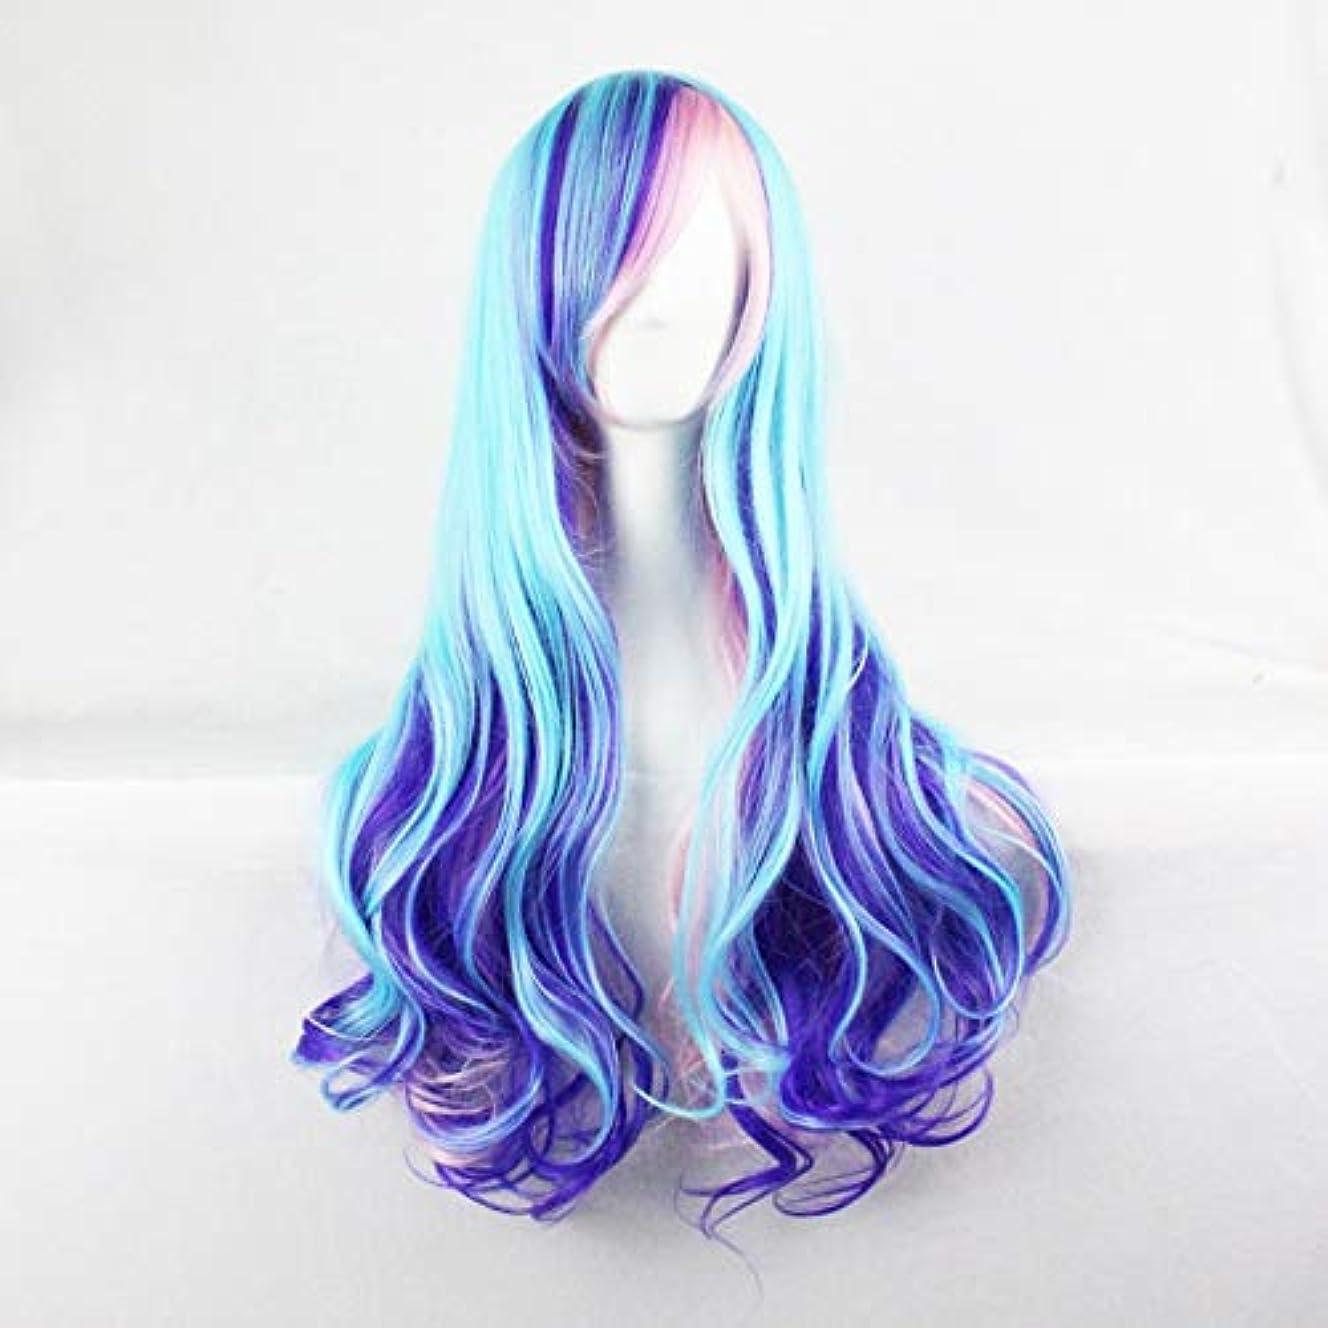 鳴らすロック解除ブローかつらキャップでかつらファンシードレスカールかつら女性用高品質合成毛髪コスプレ高密度かつら女性&女の子ブルー、ピンク、パープル (Color : 青)